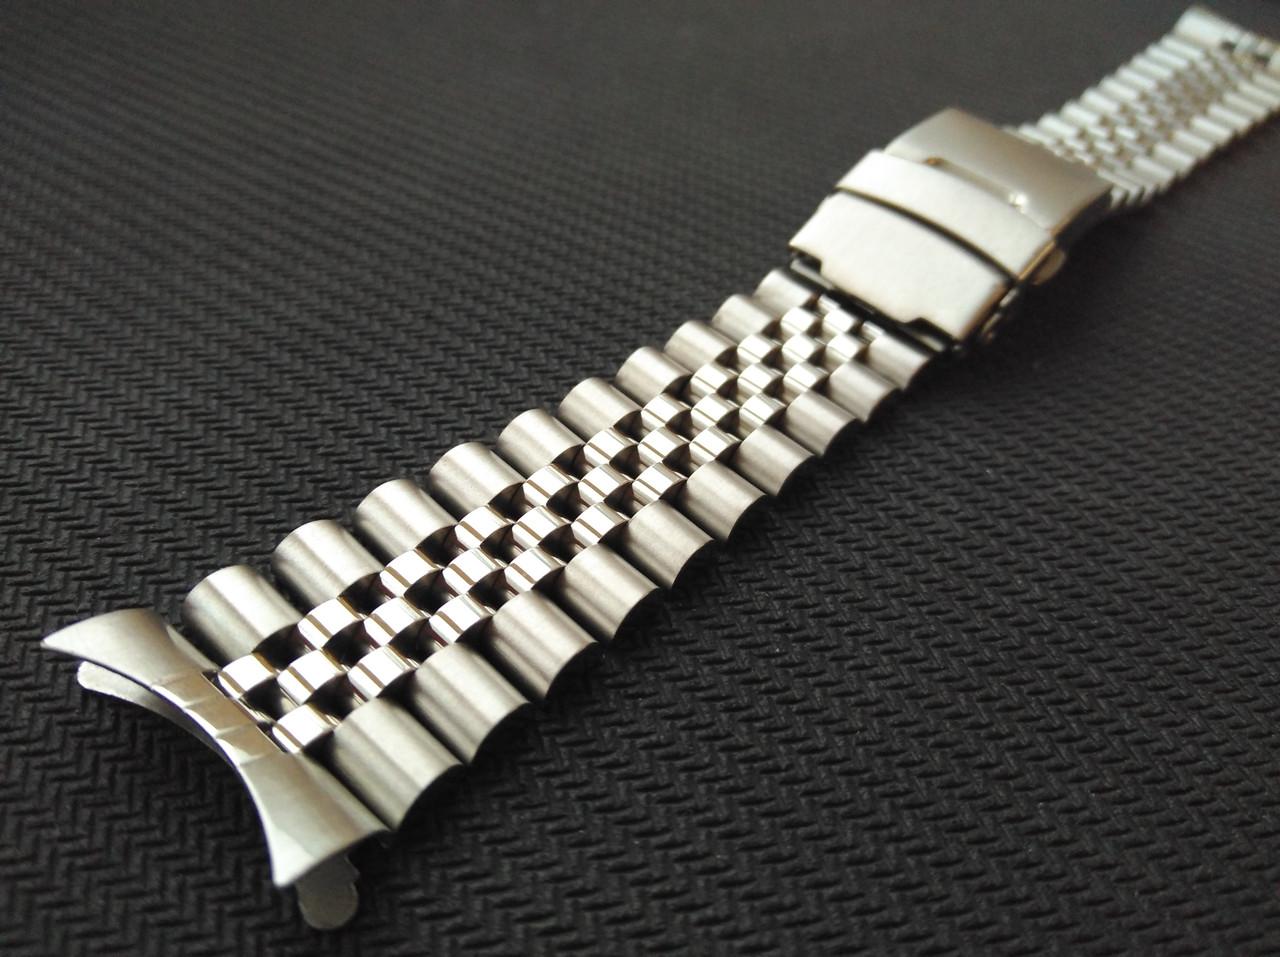 Браслет Jubilee для часов из нержавеющая стали, литой, глянец/мат. Заокругленное окончание. 22 мм